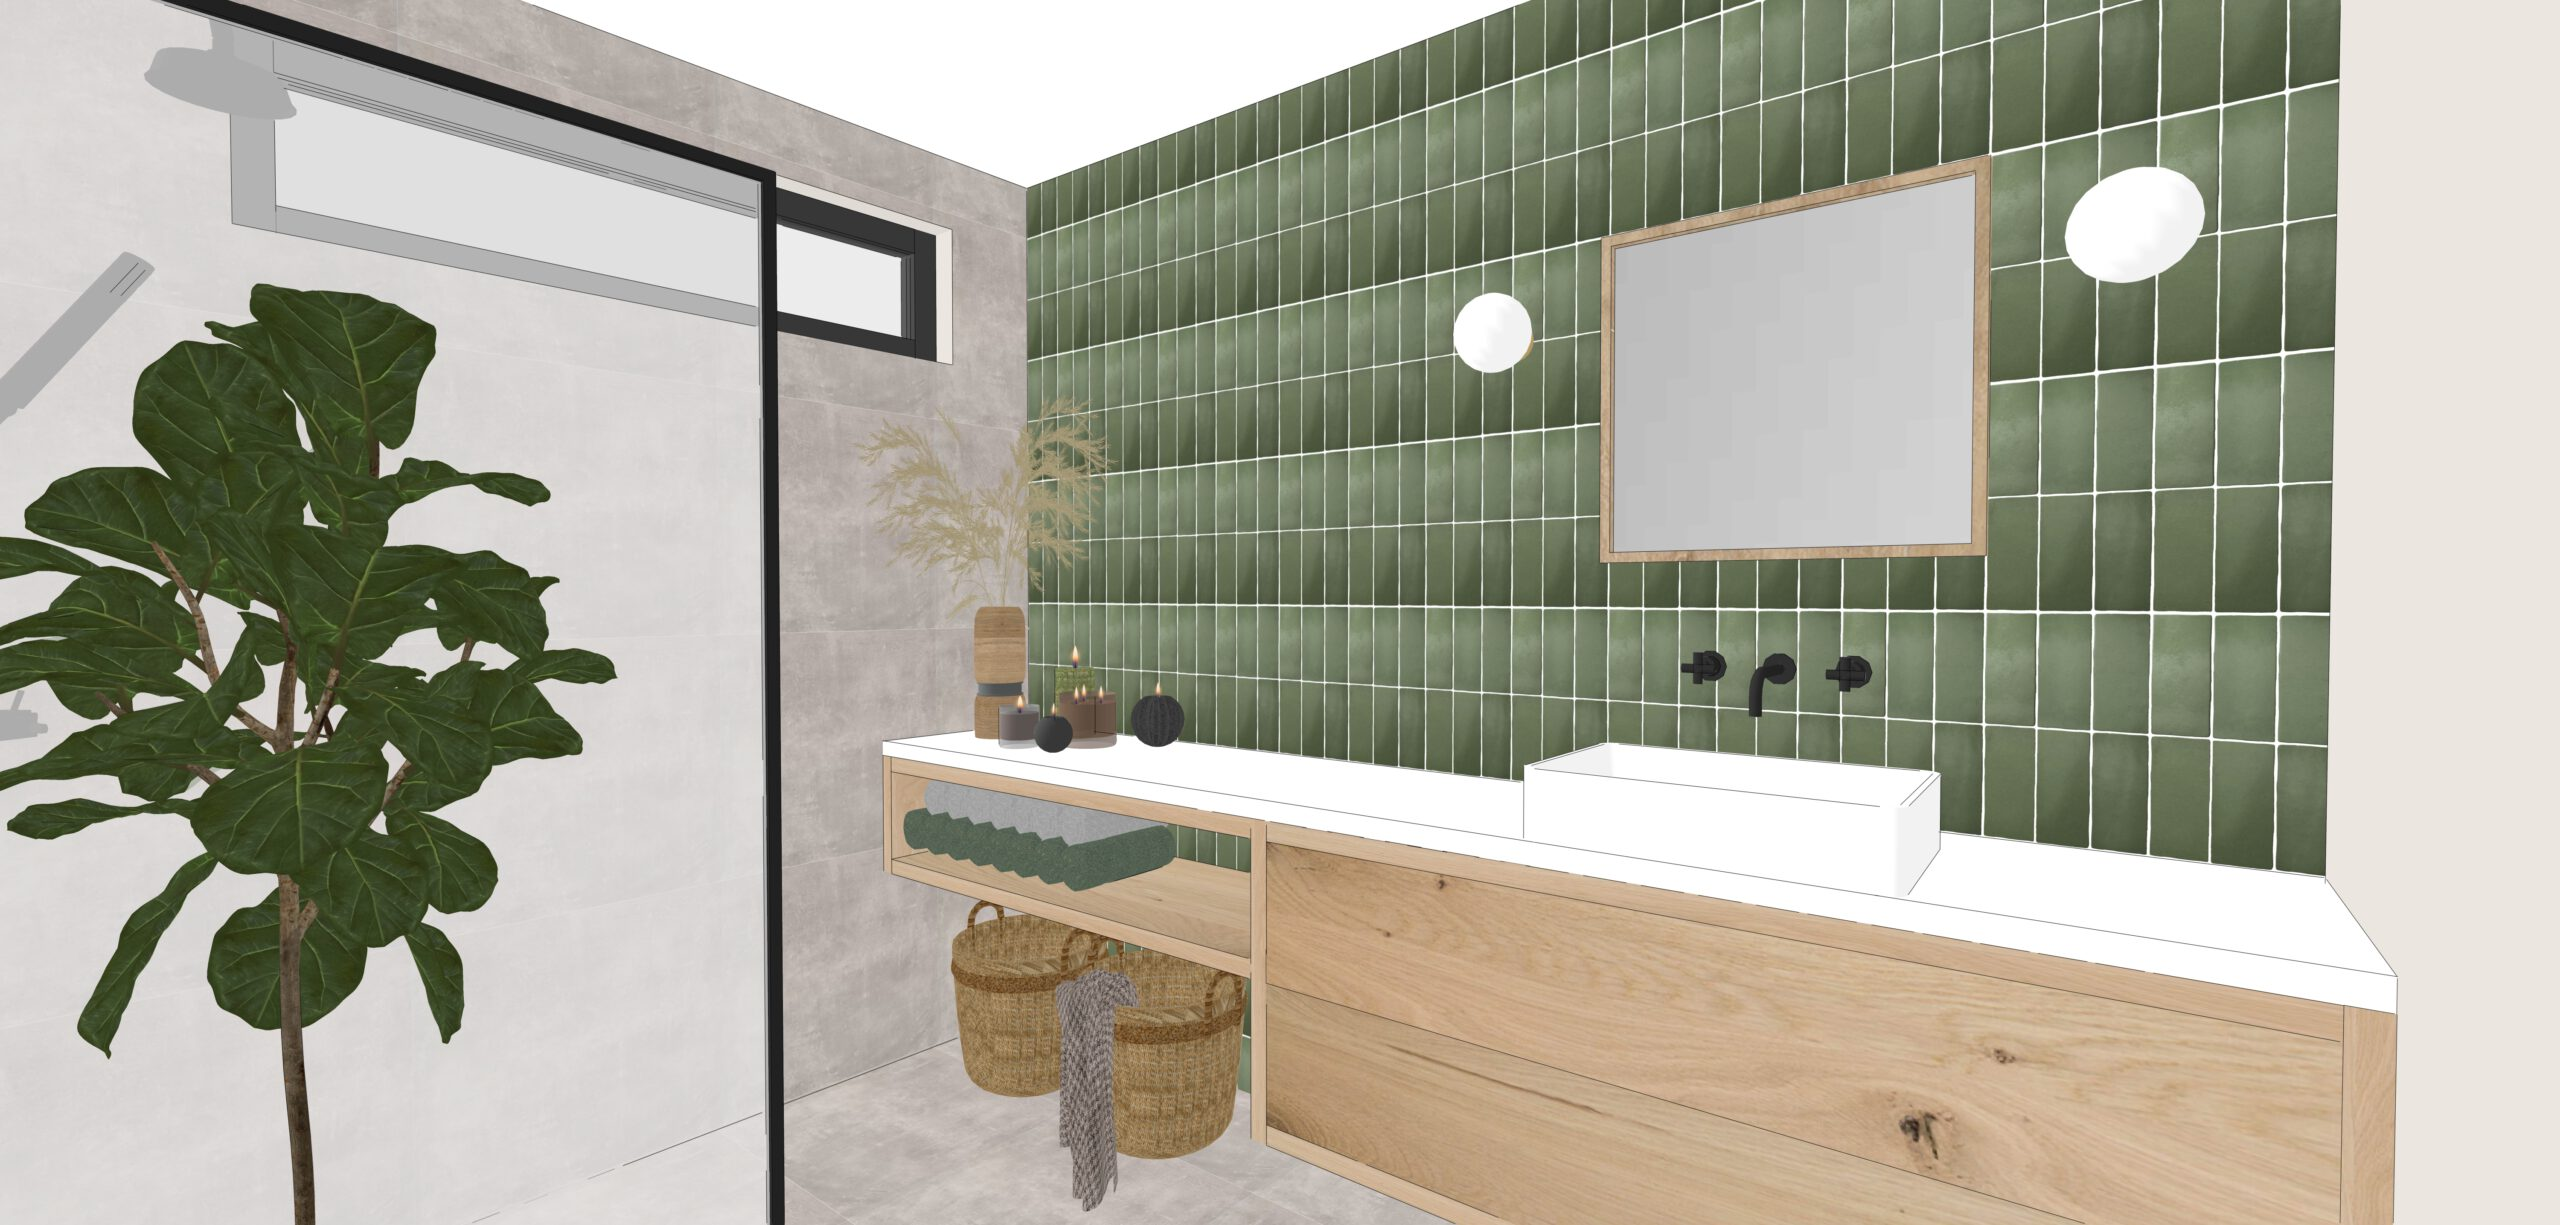 Interior design, Innenarchitektur, Innenarchitekt, Interieur ontwerp badkamer, maatwerk